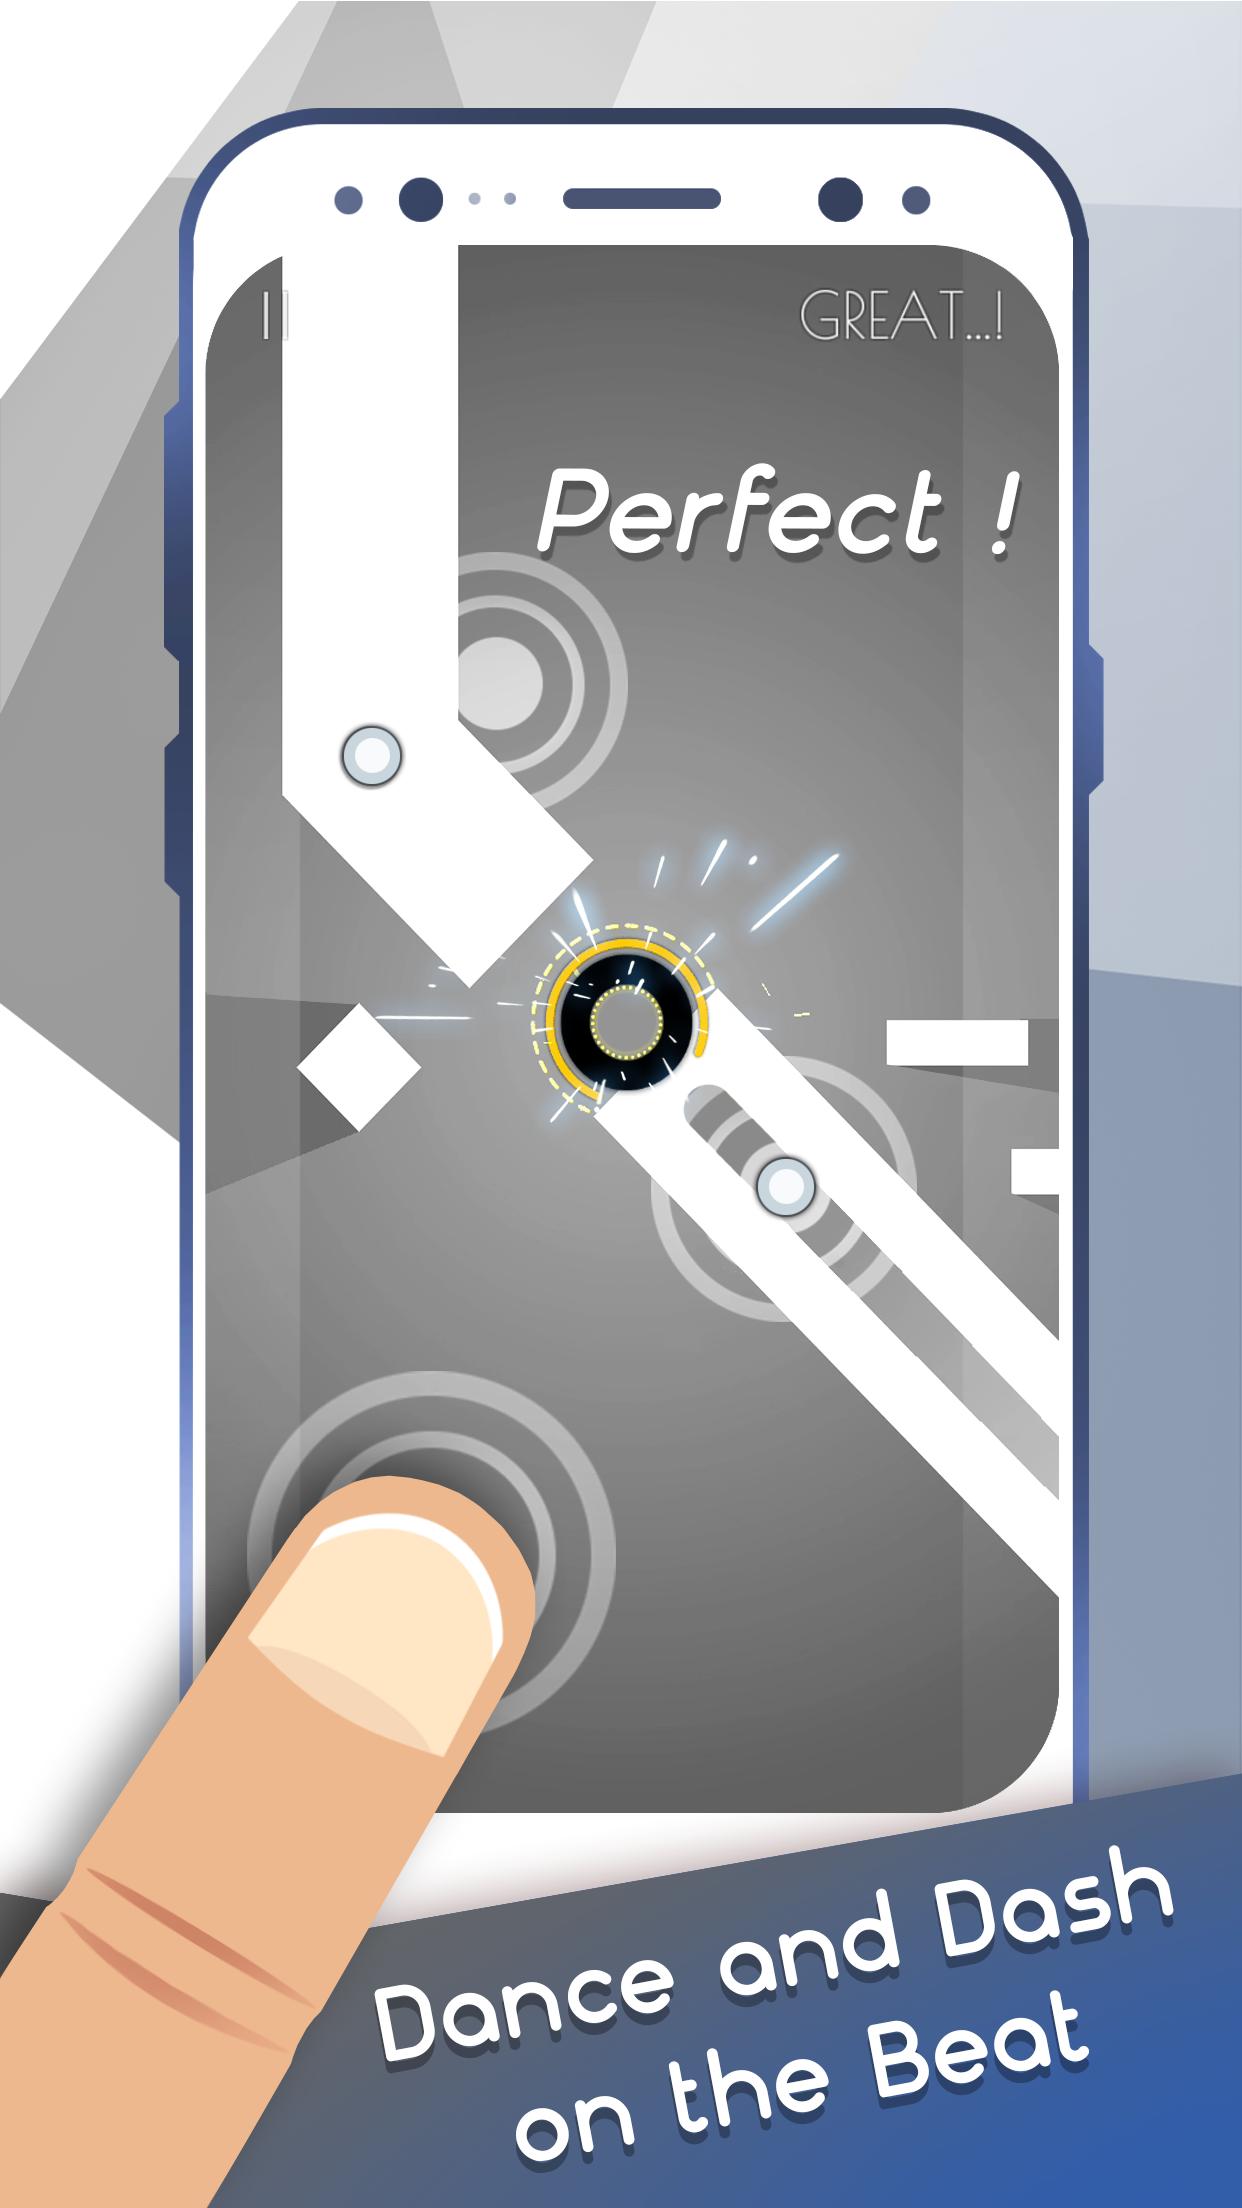 舞动球:感受节奏V1.3.0 安卓版